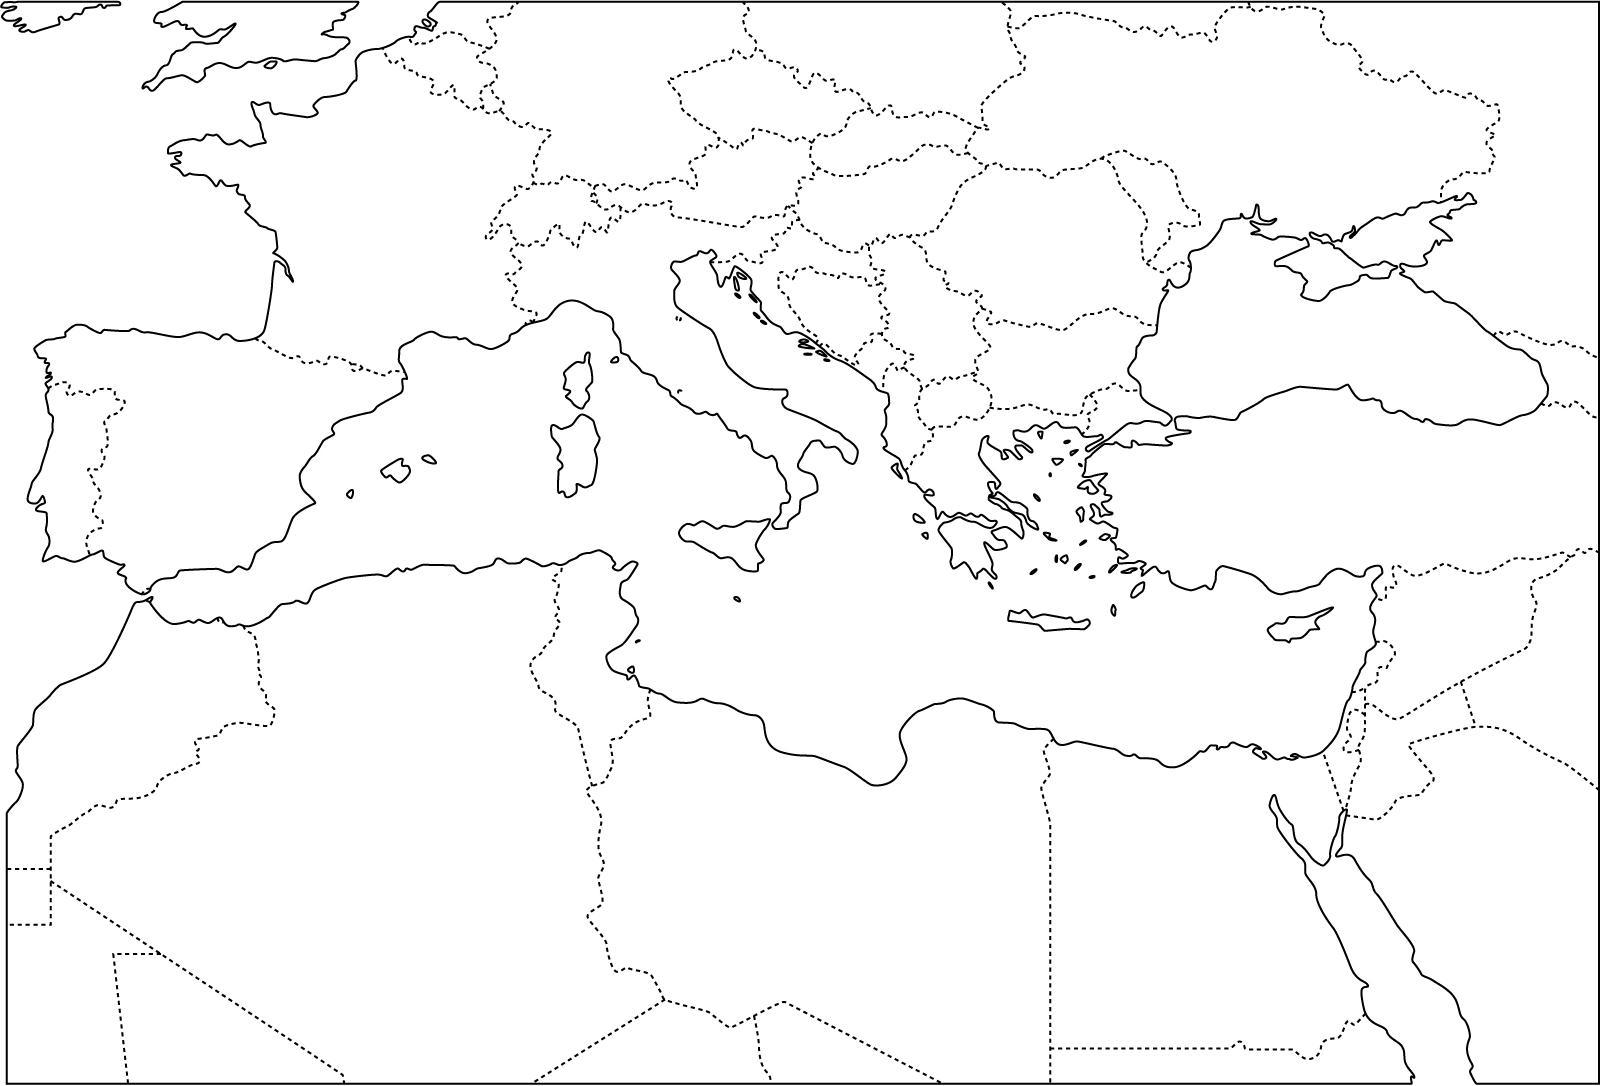 Mapa político mudo del Mediterráneo para imprimir Mapa de